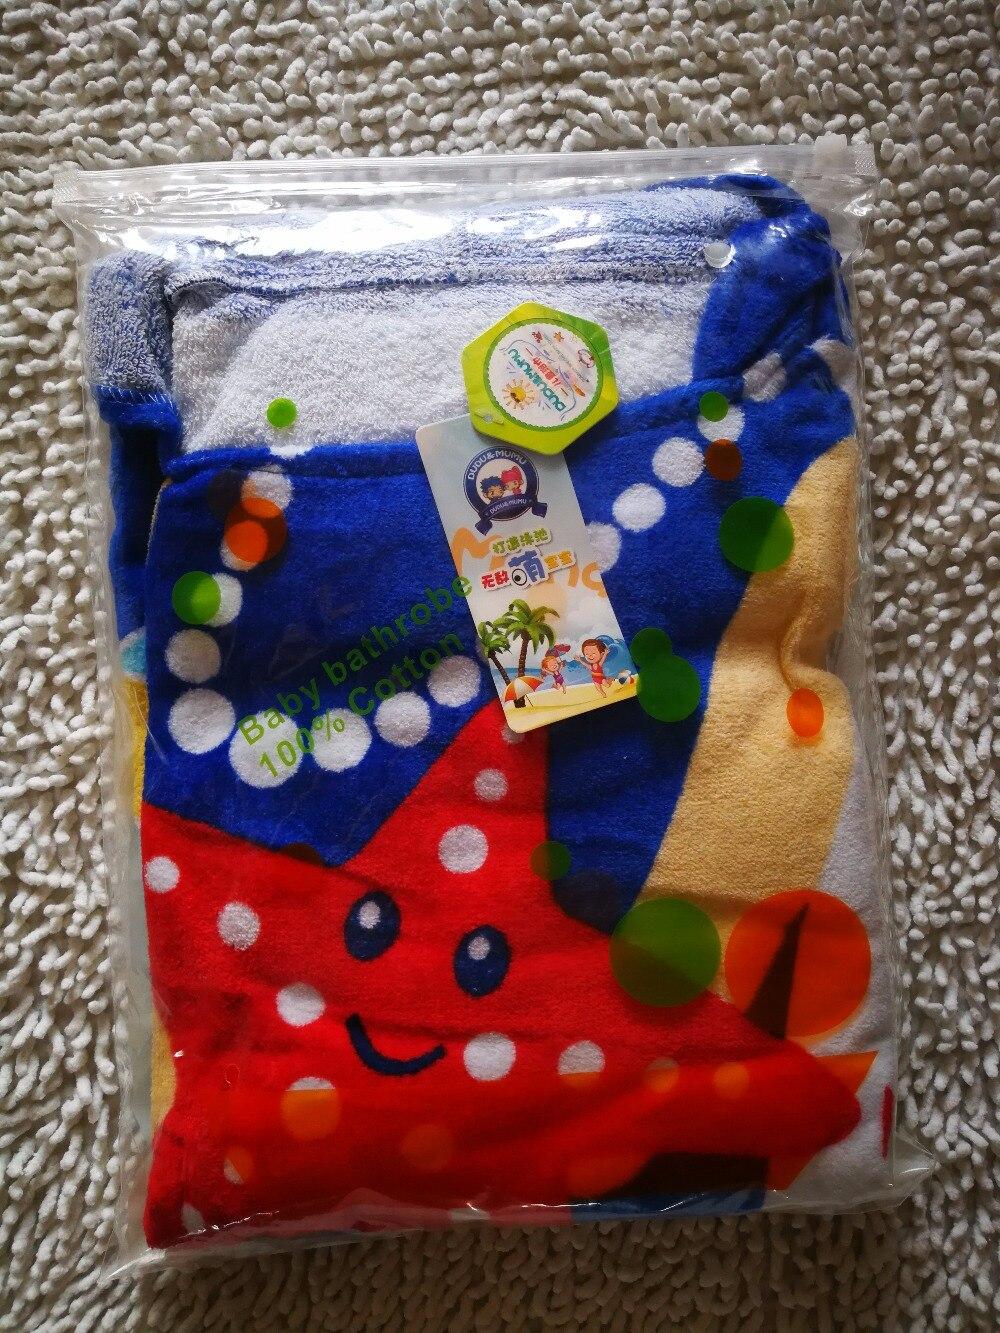 Sea star детское банное полотенце/детские халаты/с капюшоном купальный халат для младенцев